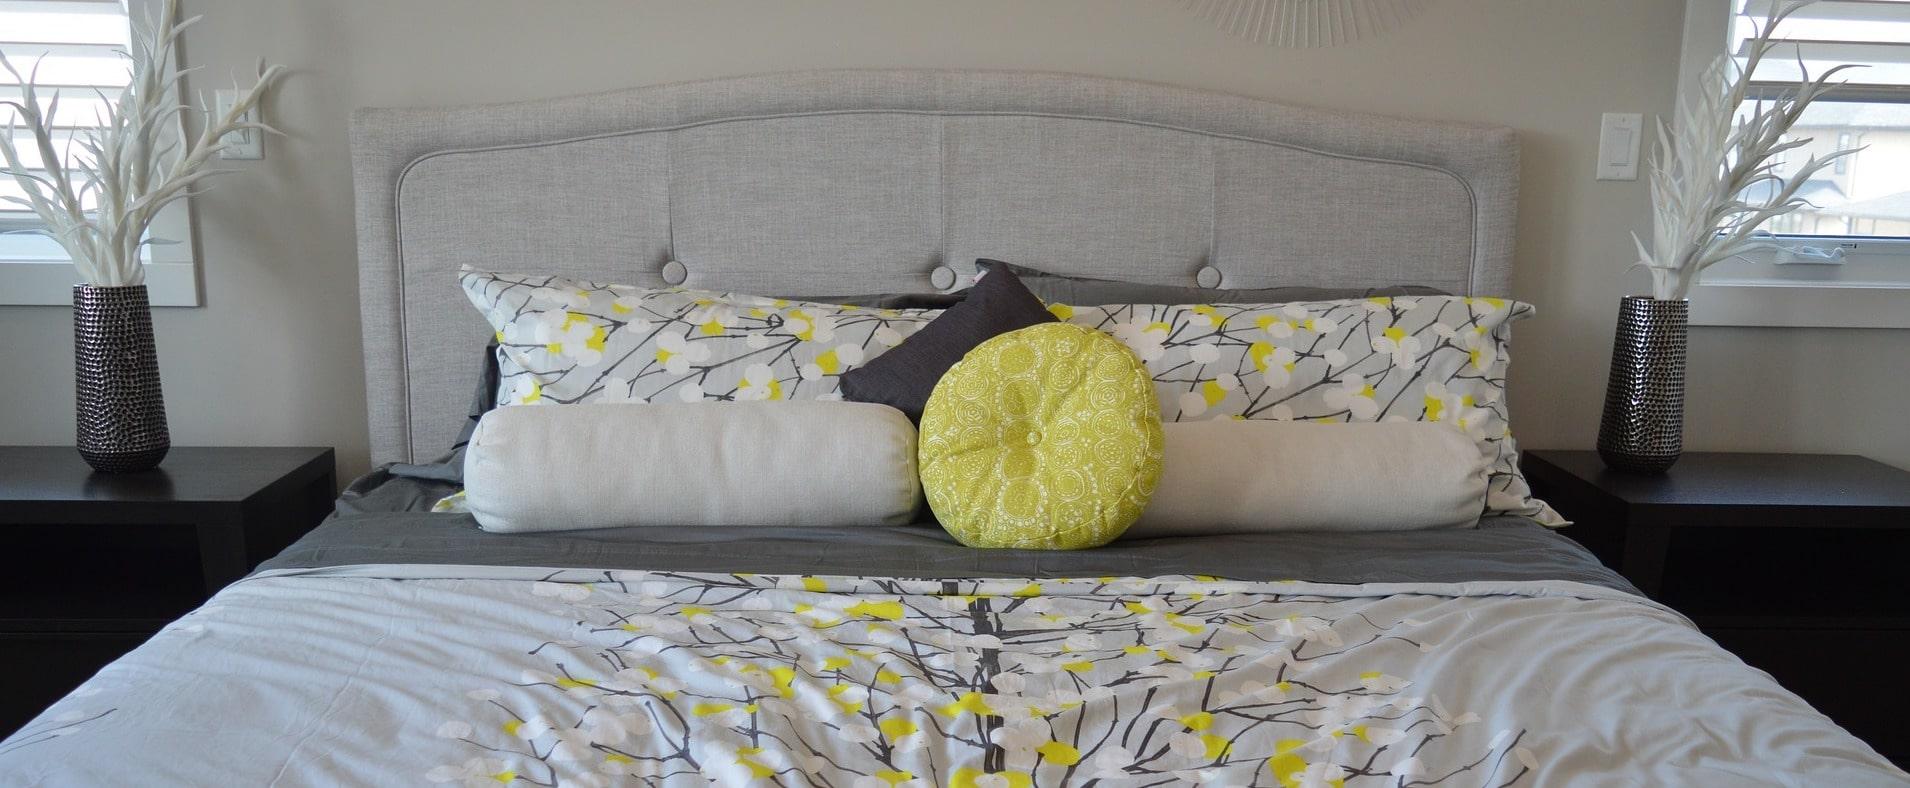 best mattress for a herniated disc